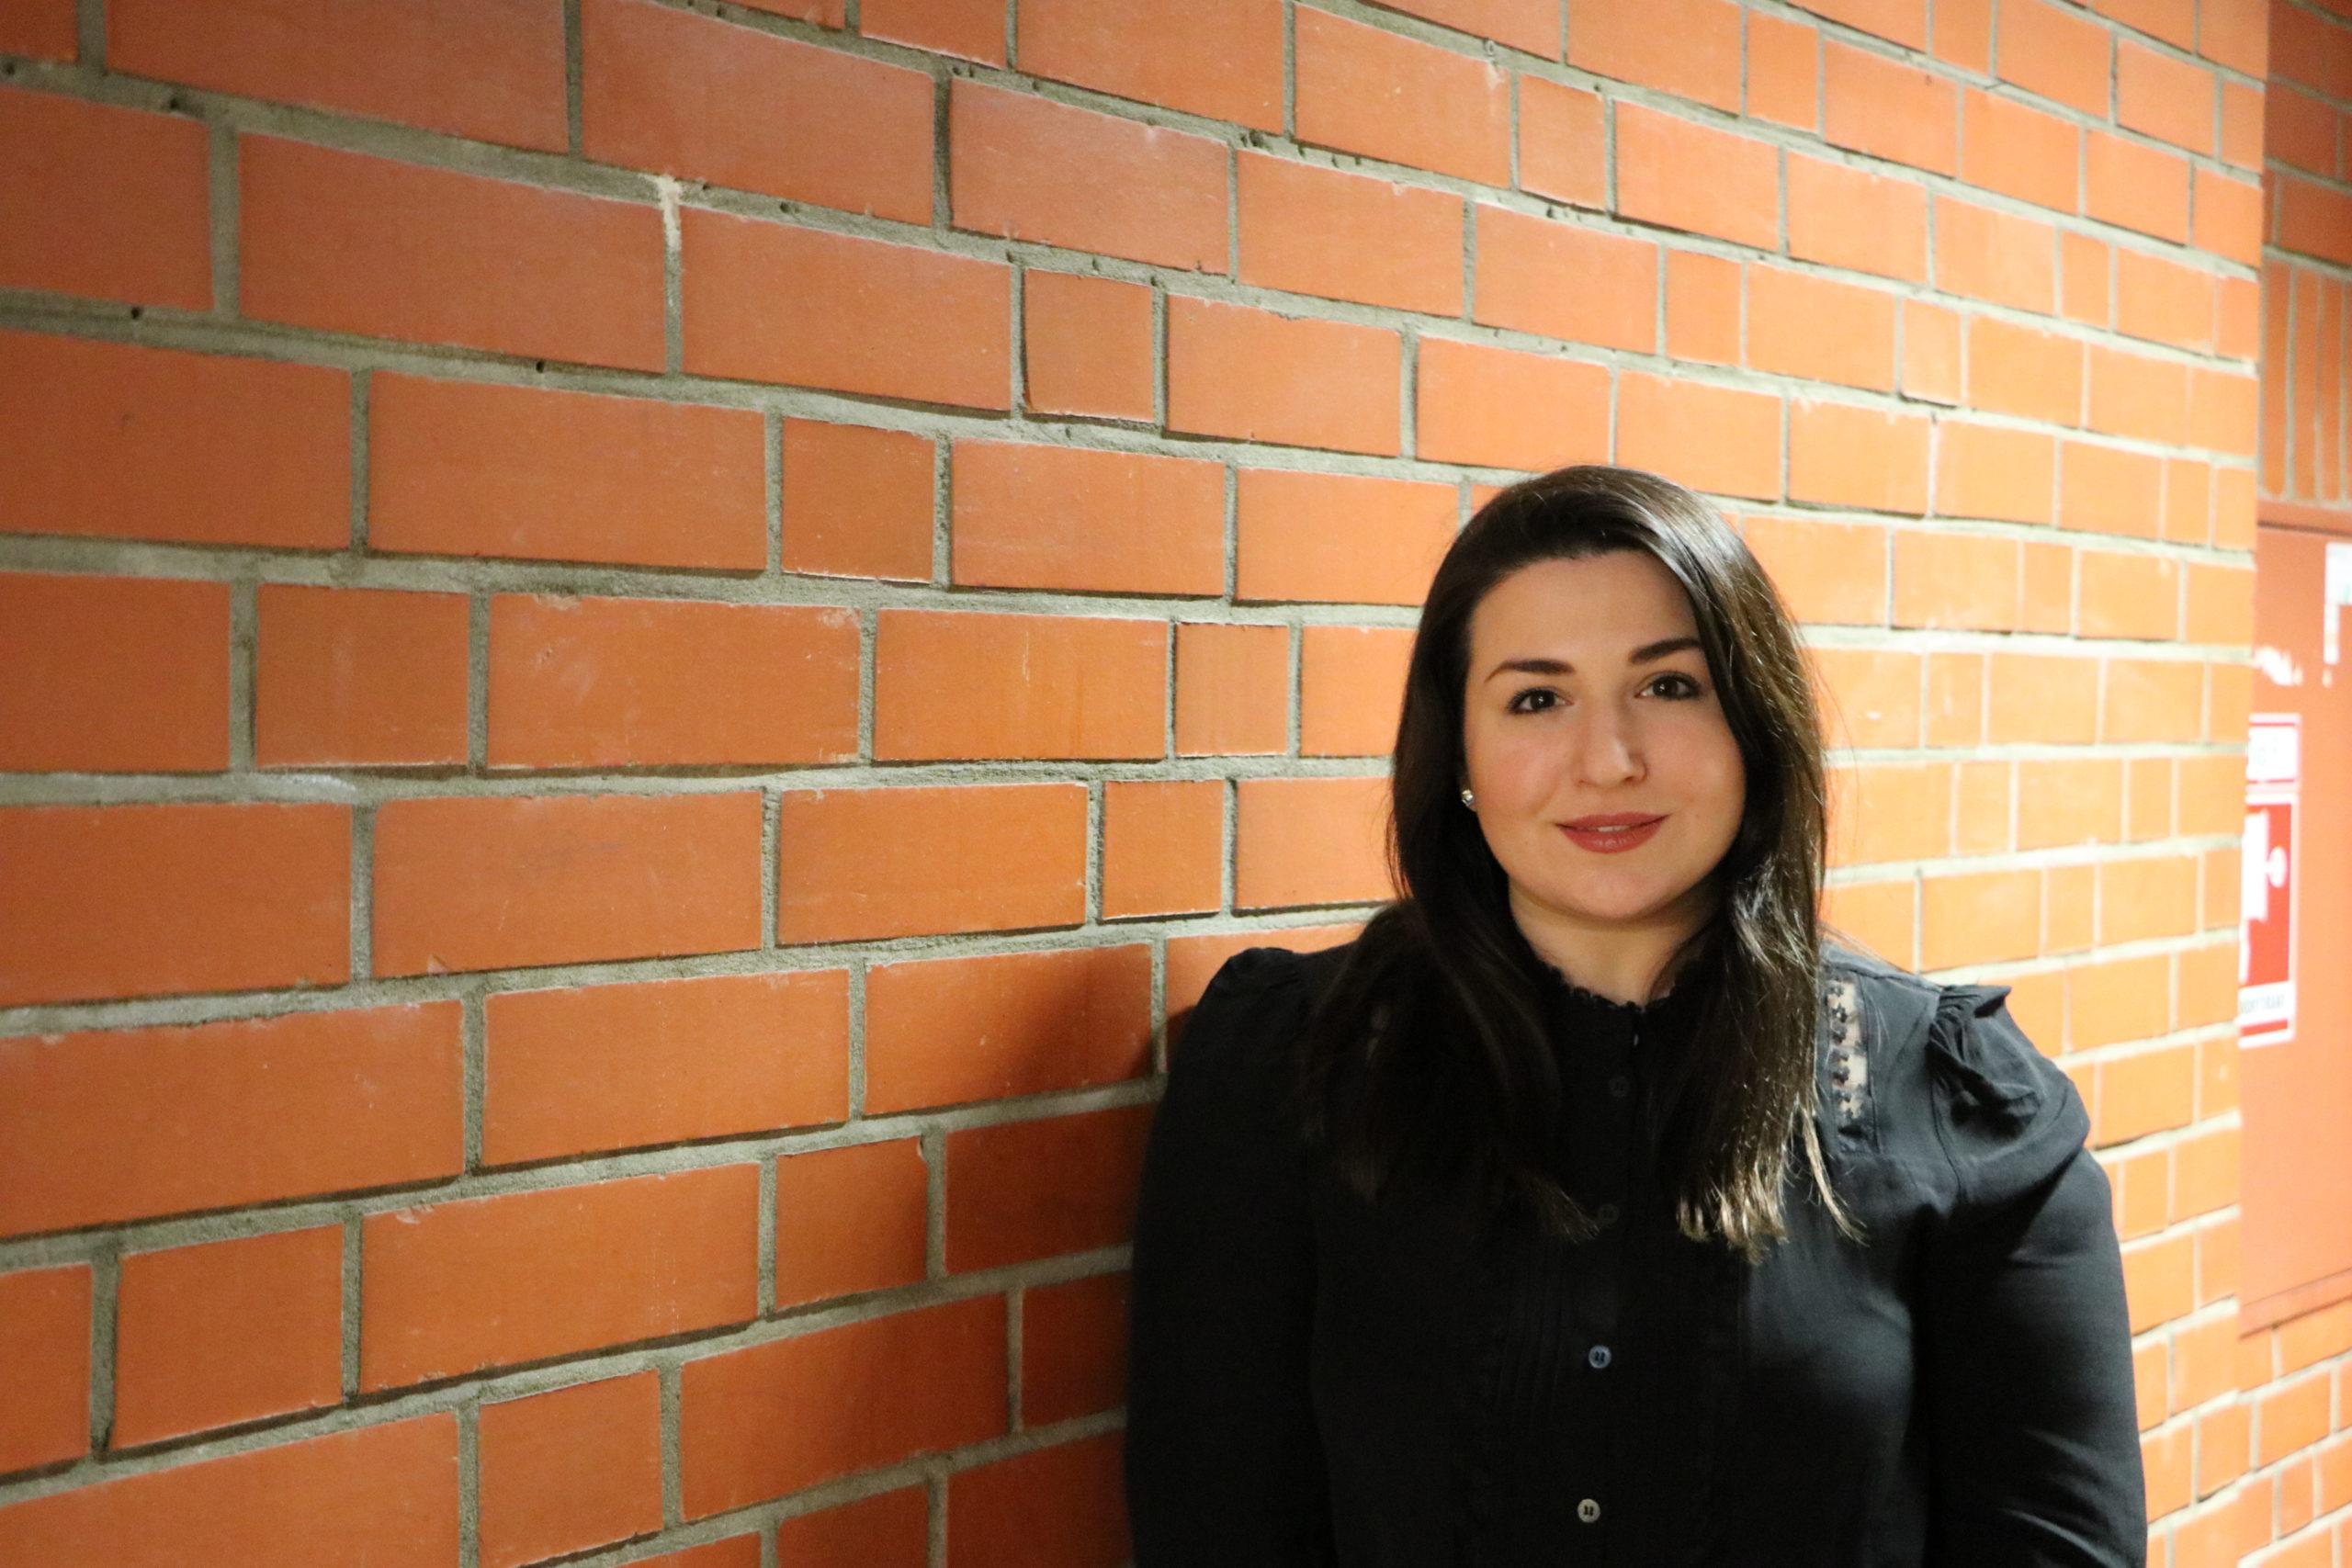 Seit Mitte 2018 ist Elina eine der vorsitzenden Vorständen des Vereins.